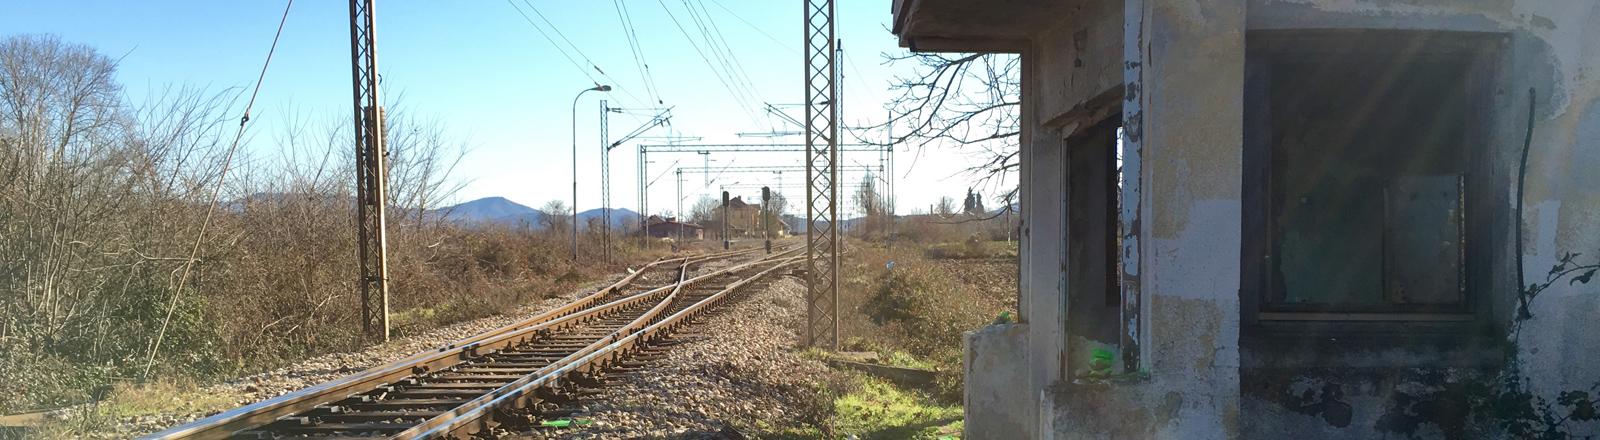 Eine Versorgungsstation für illegale Flüchtlinge in Mazedonien